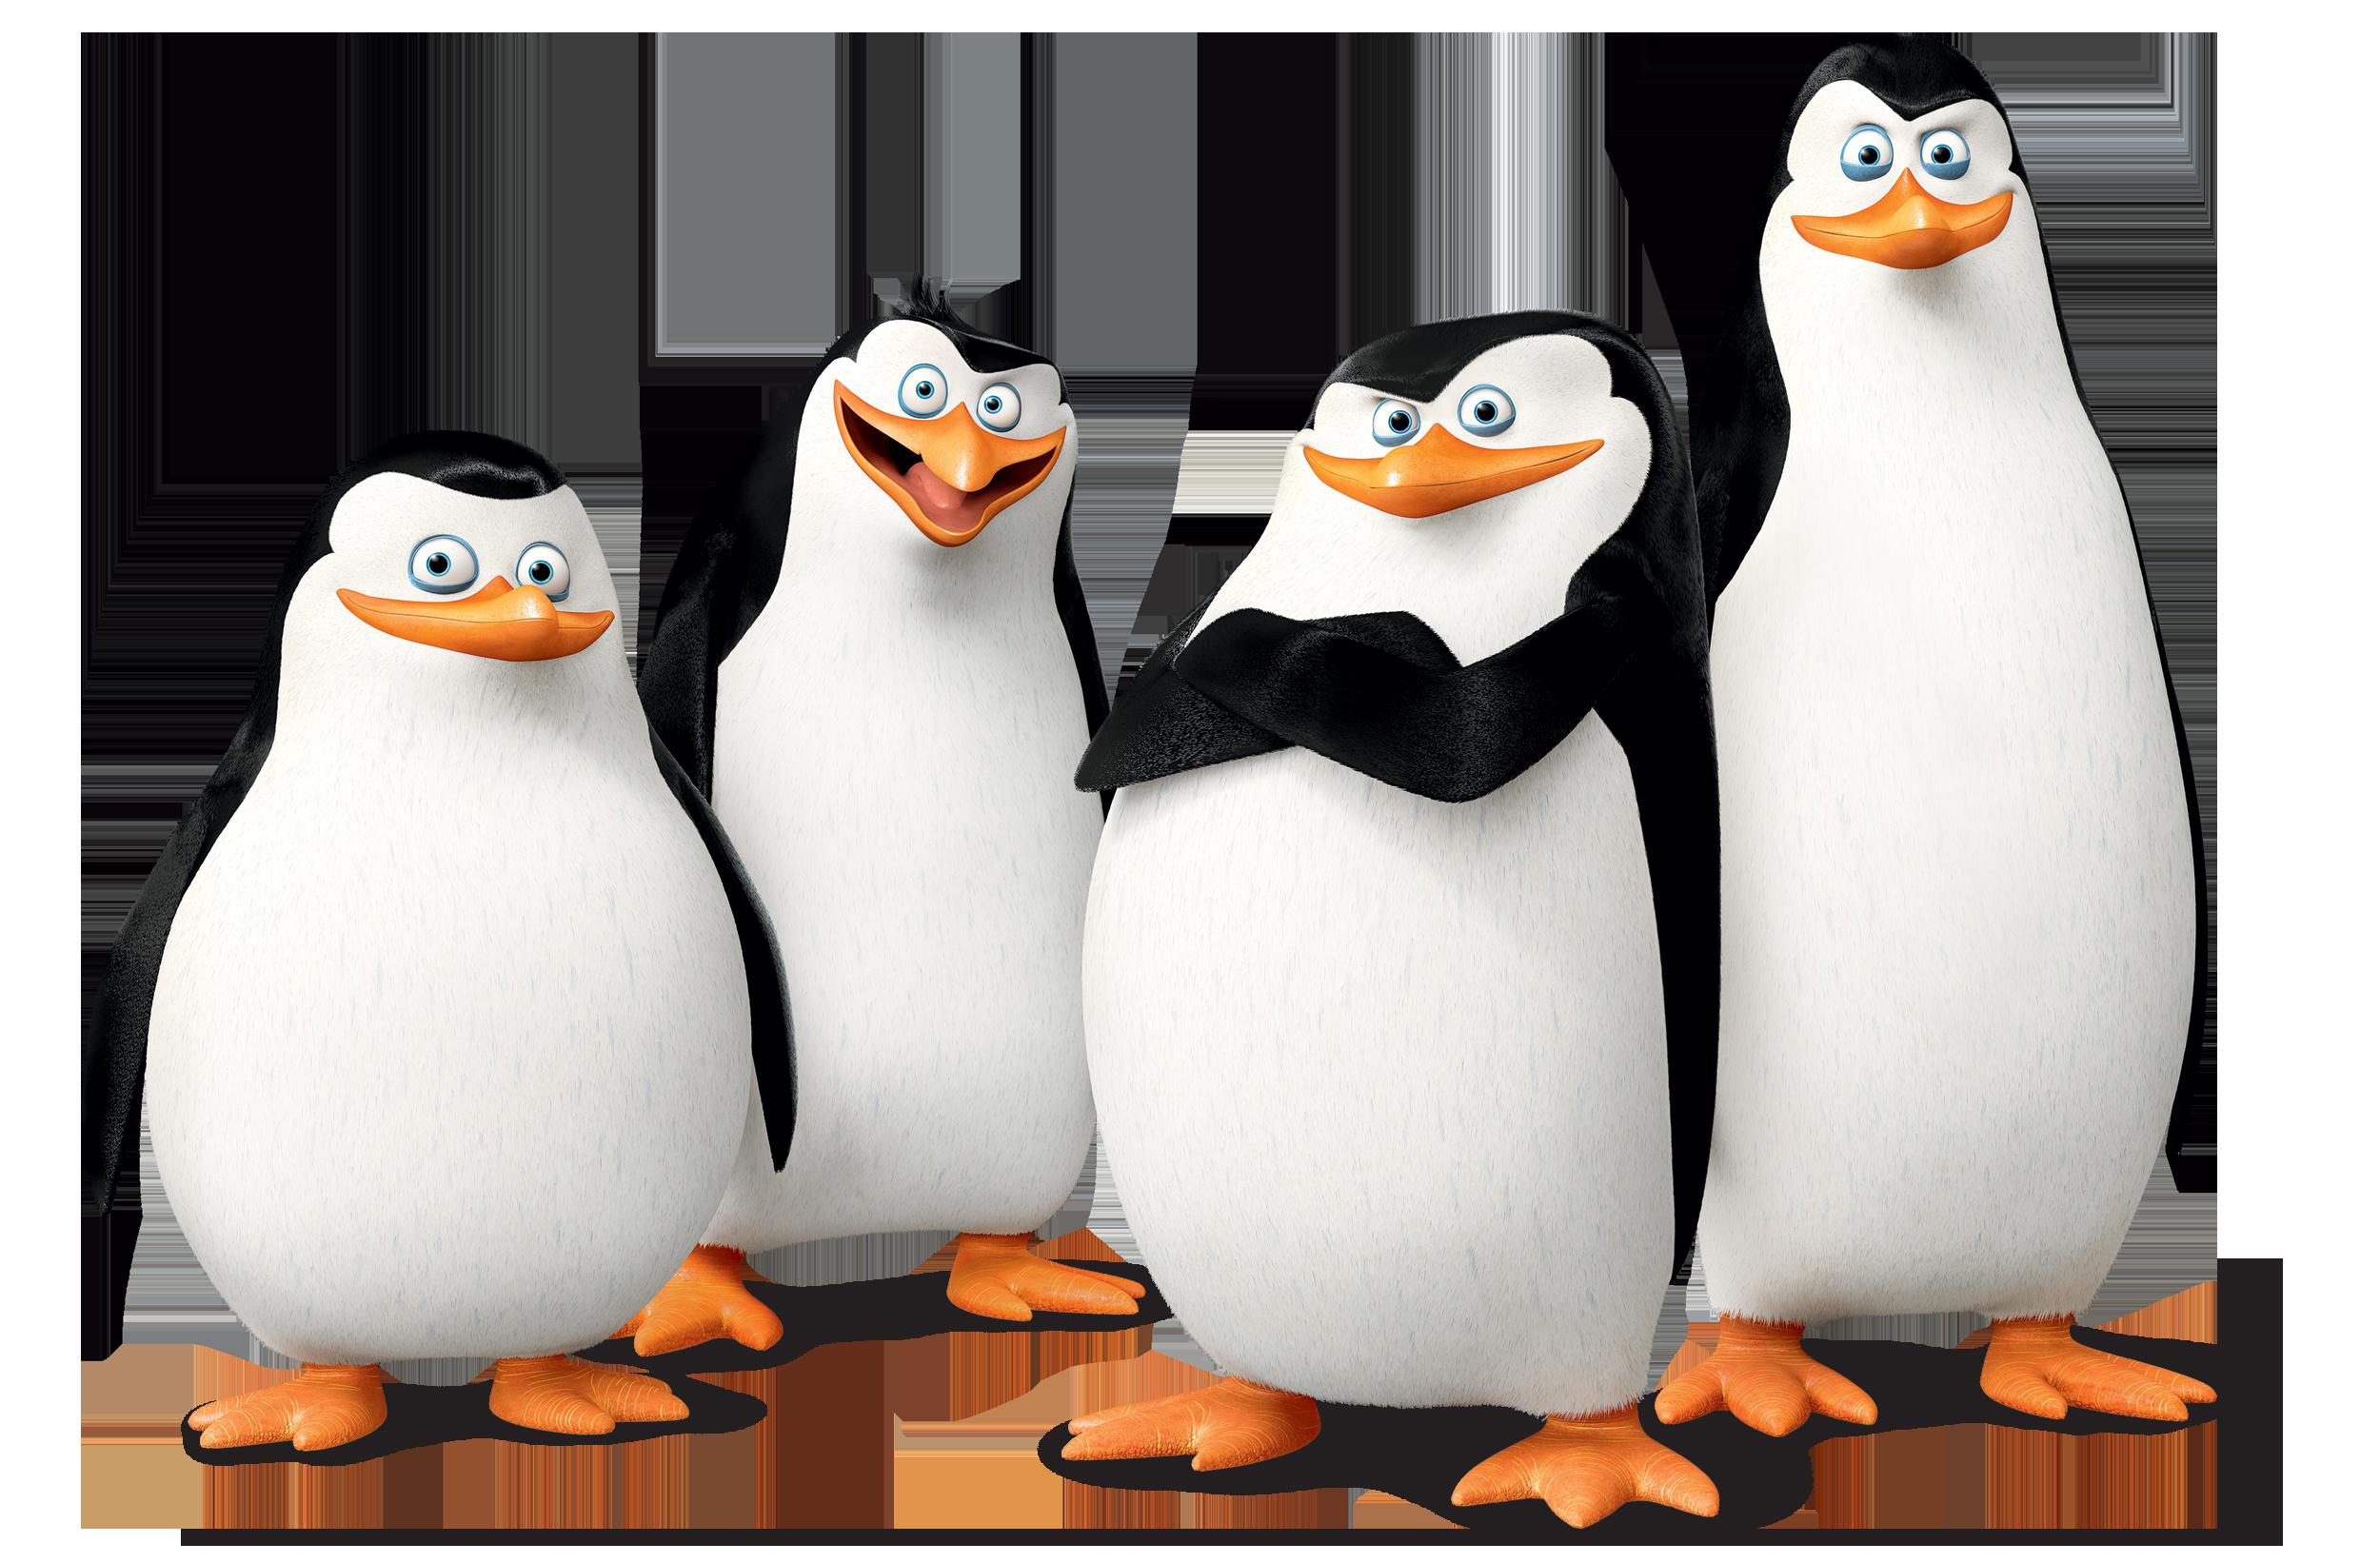 2500x1642 Madagascar Penguins Png Images Free Download